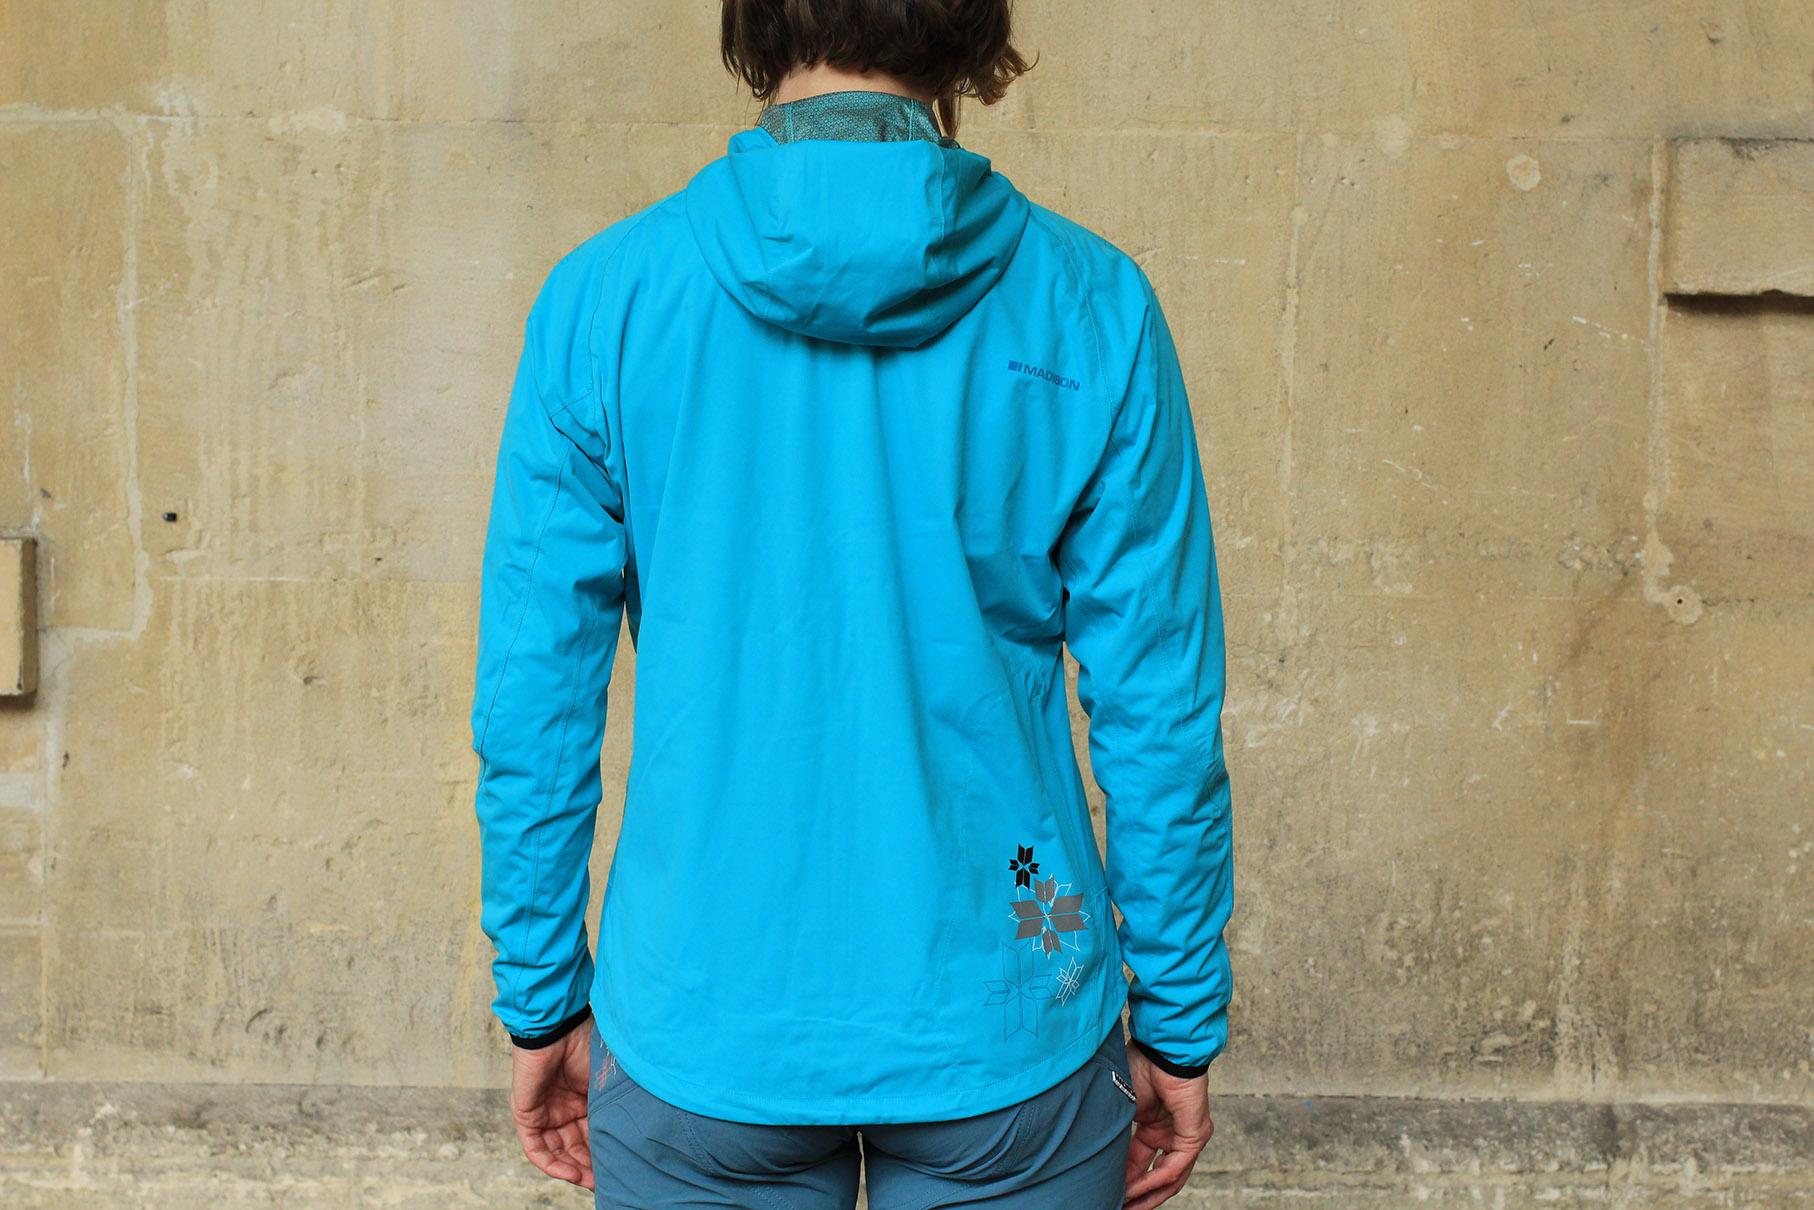 Flux Super Light Men's Waterproof Softshell Jacket Medium Blue Madison